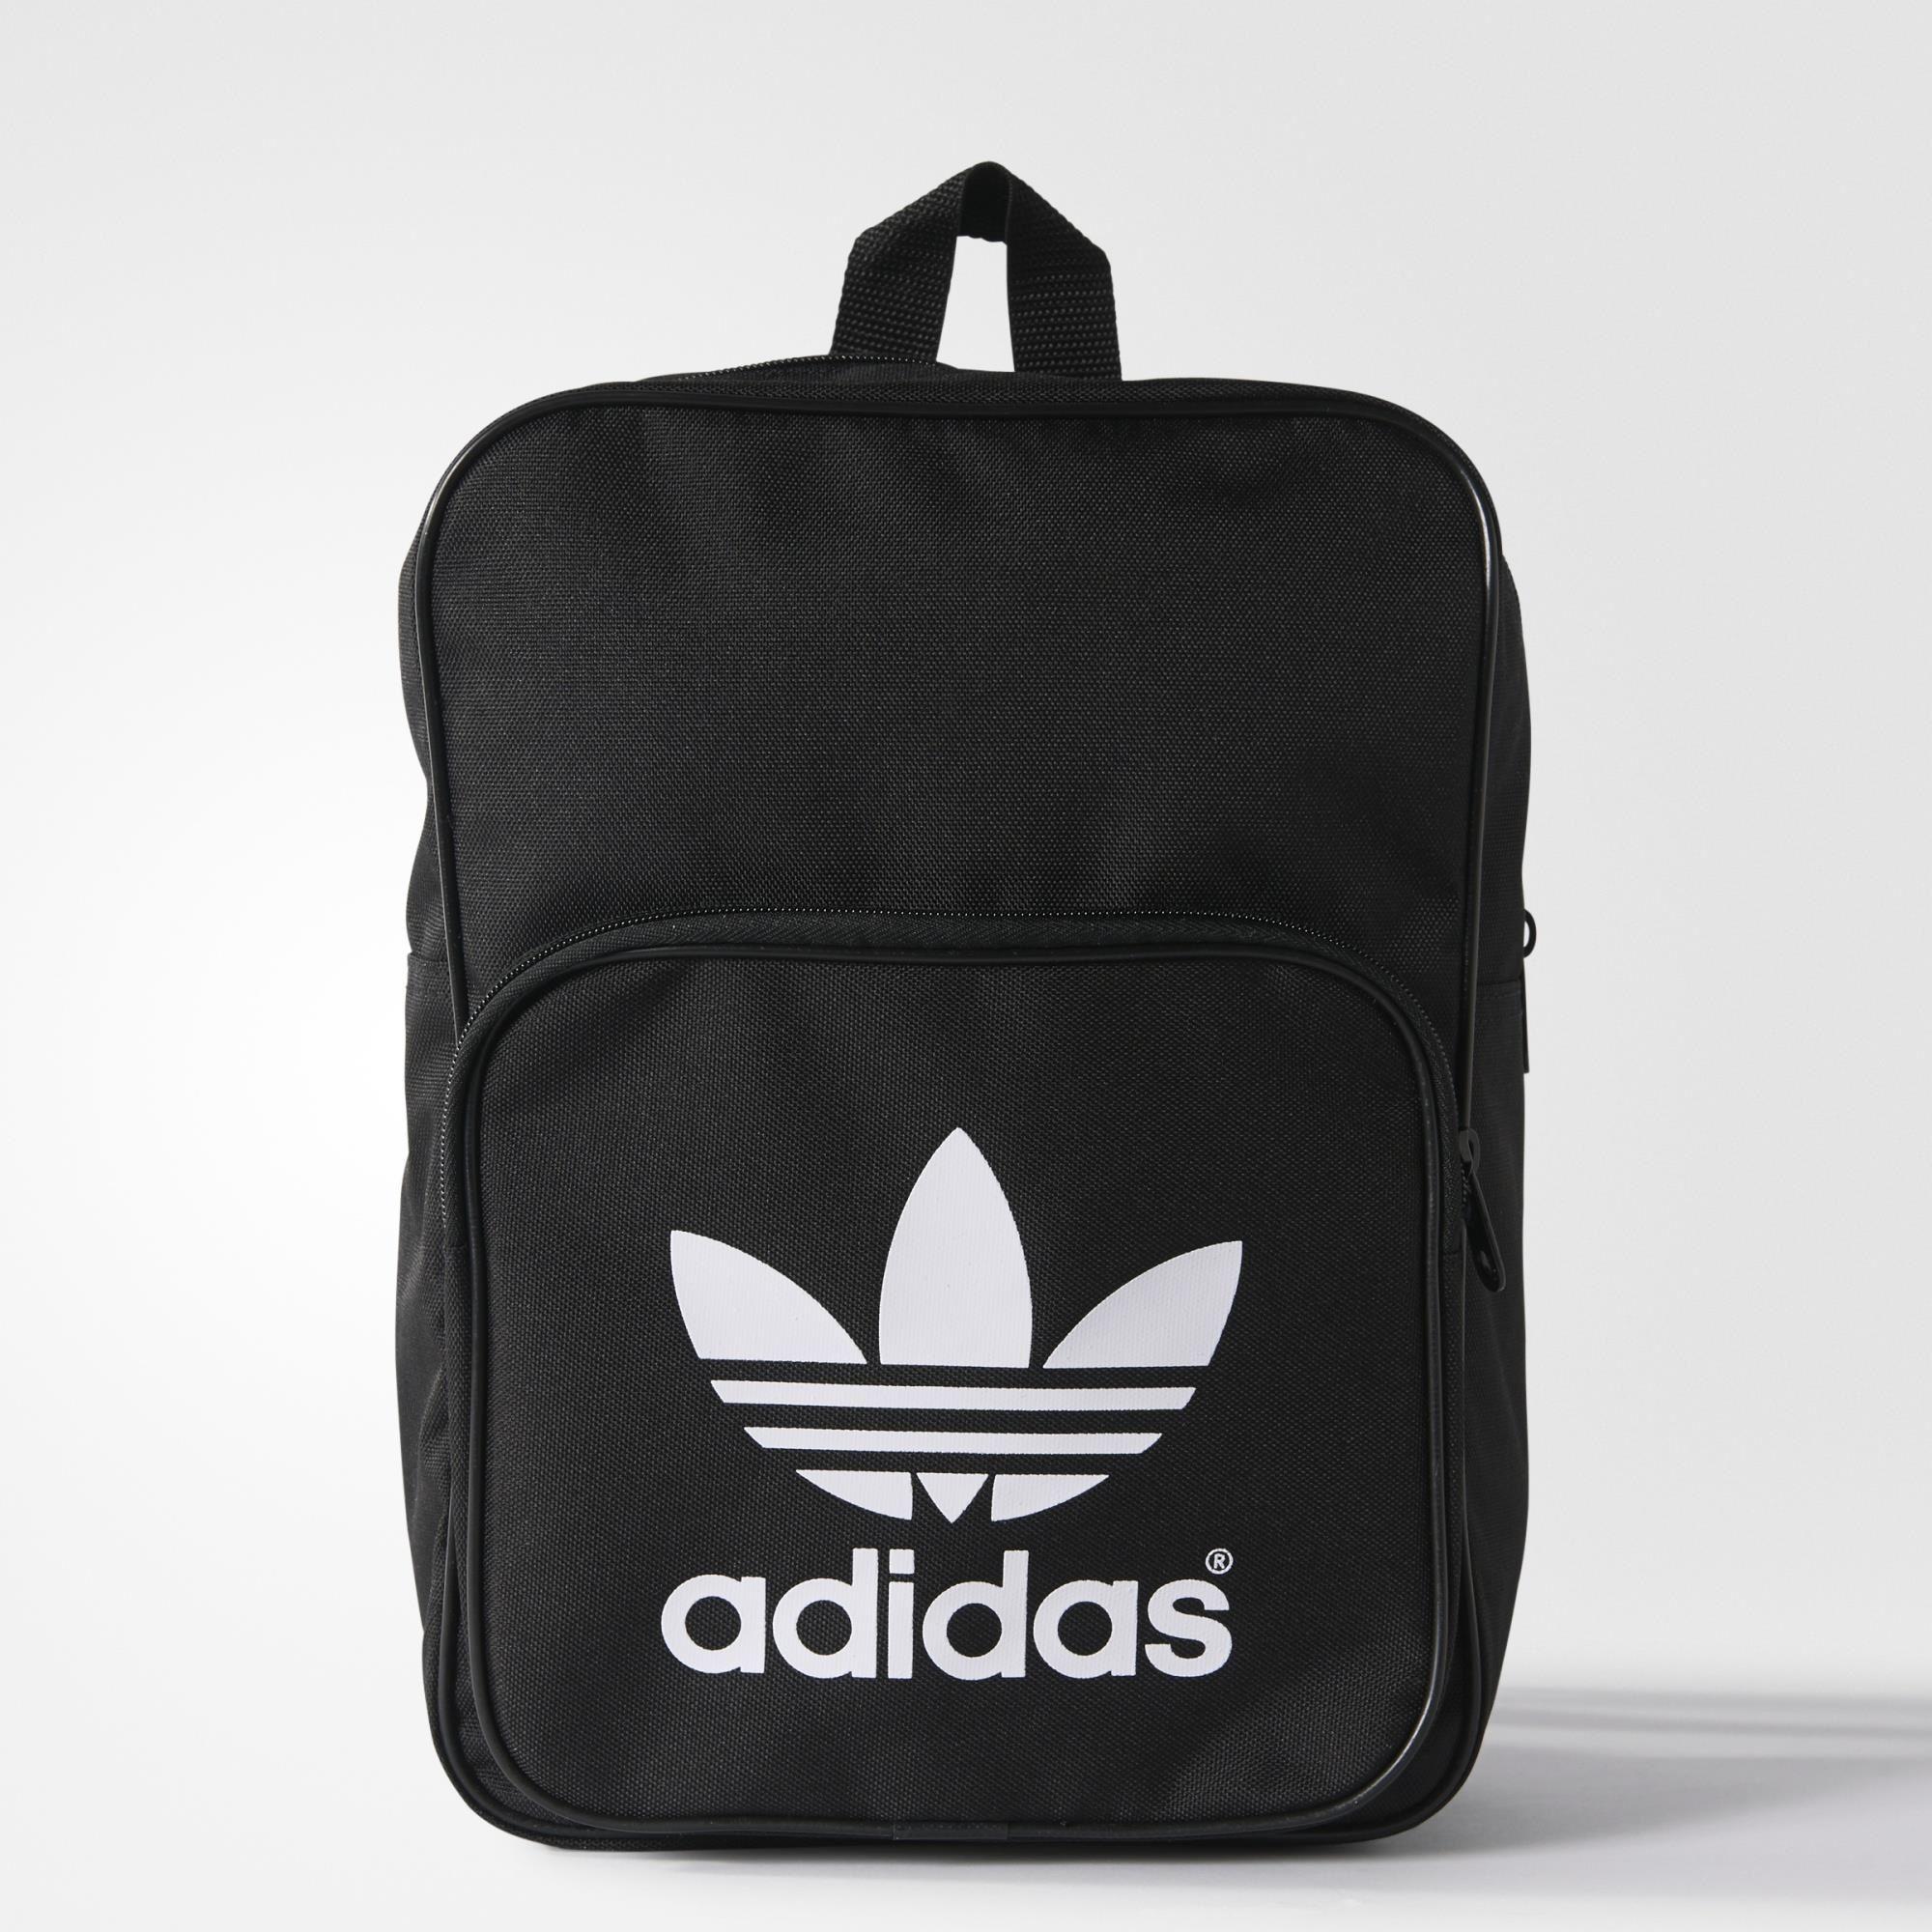 Access Denied   Rugzak, Adidas originals, Adidas